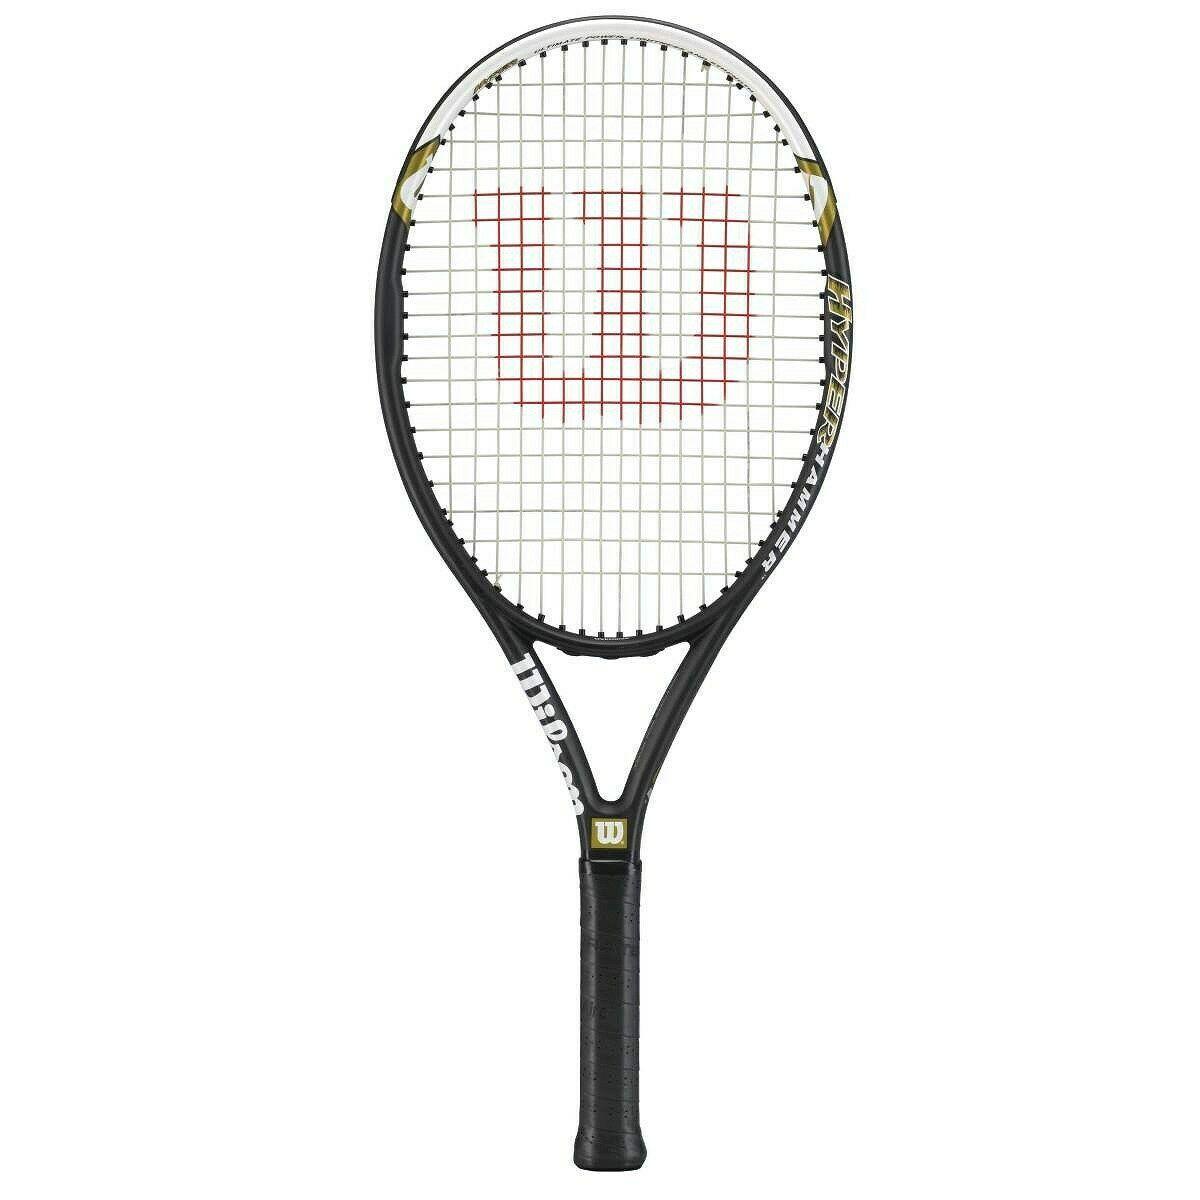 Wilson Hyper Hammer 5.3 110 2 Racket image 2